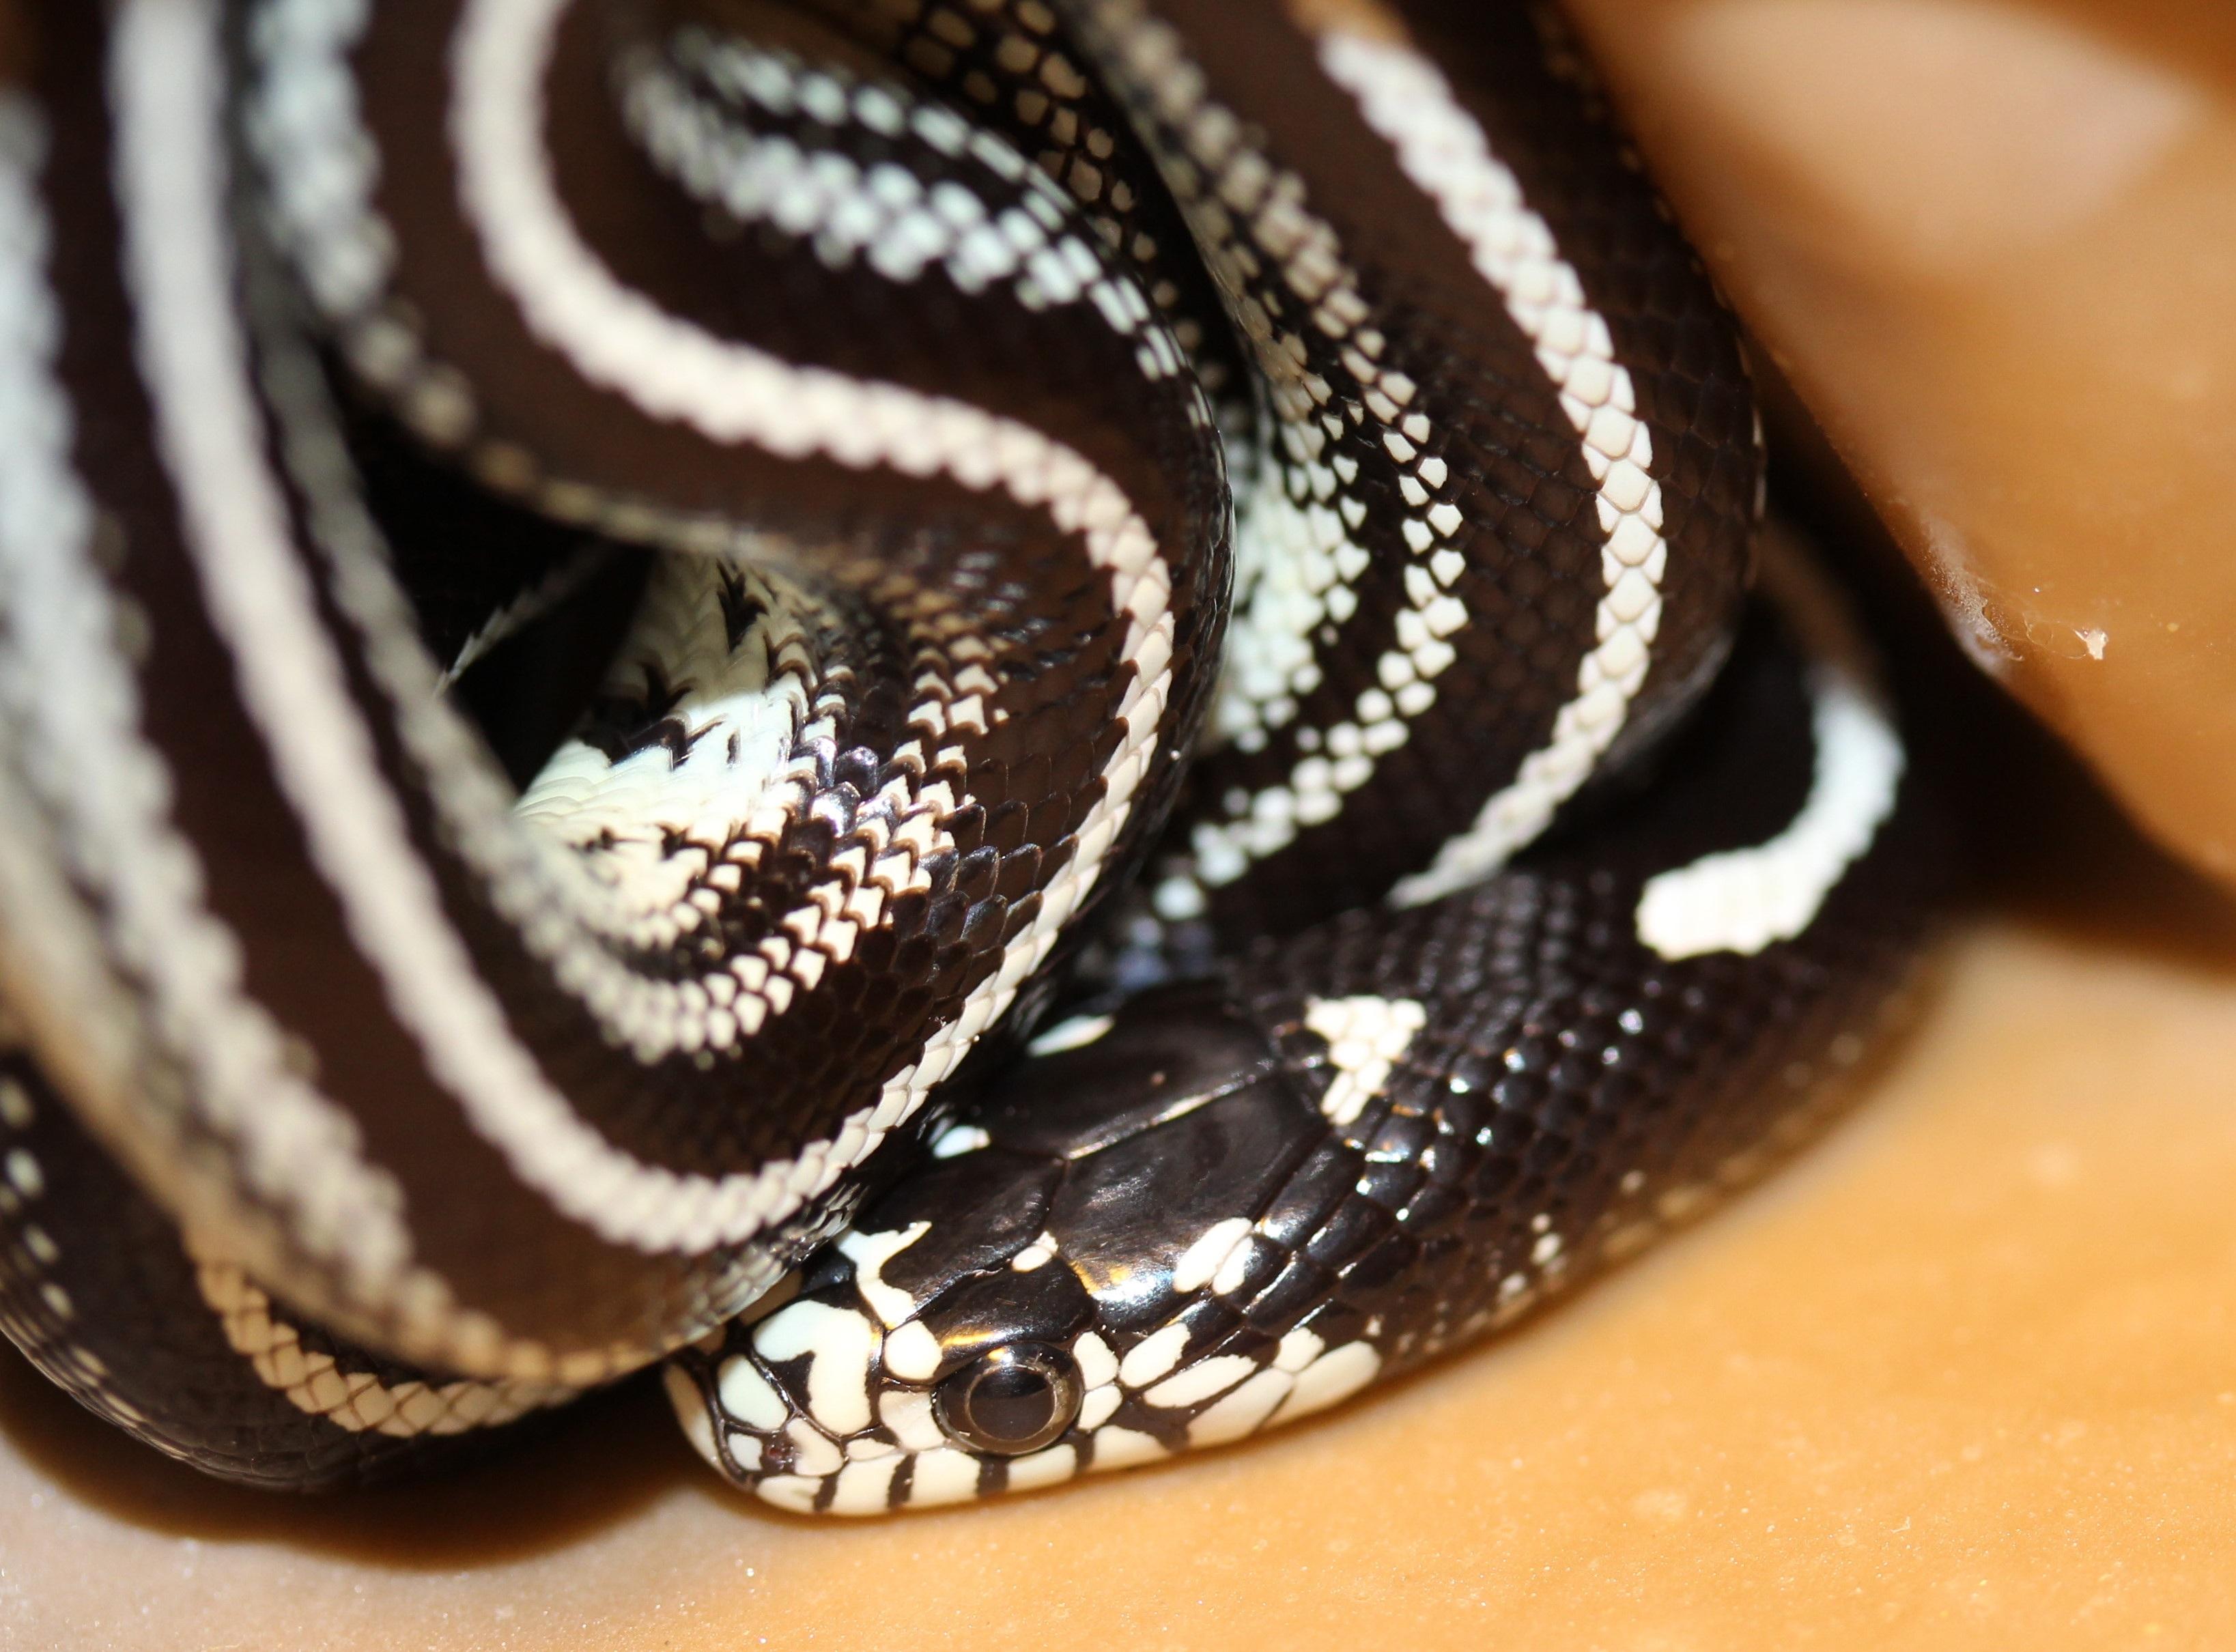 hình ảnh : ngón tay, Bò sát, gần, Đóng lên, động vật, con rắn, Động vật có xương sống, Natter, loài, Con rắn, Động vật máu lạnh, Sọc đen và trắng, ...